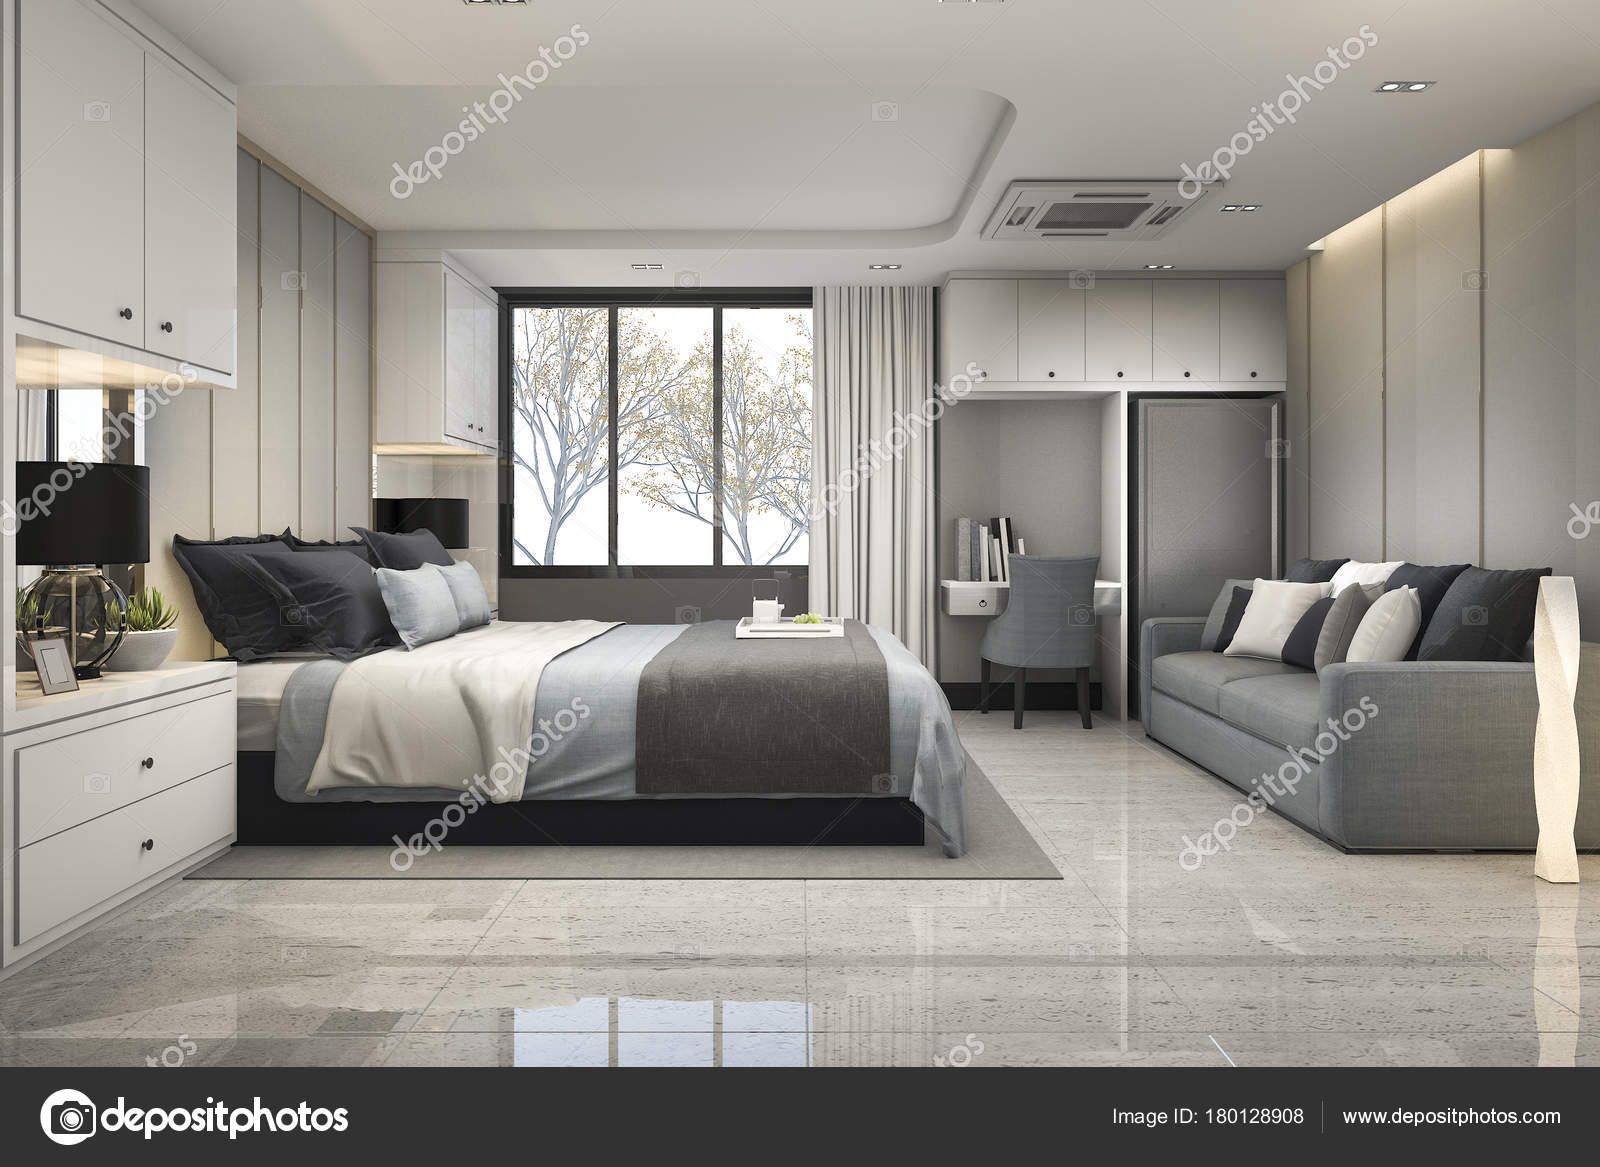 Chambre Luxe Moderne Bleu Rendu Avec Décor Marbre — Photographie ...